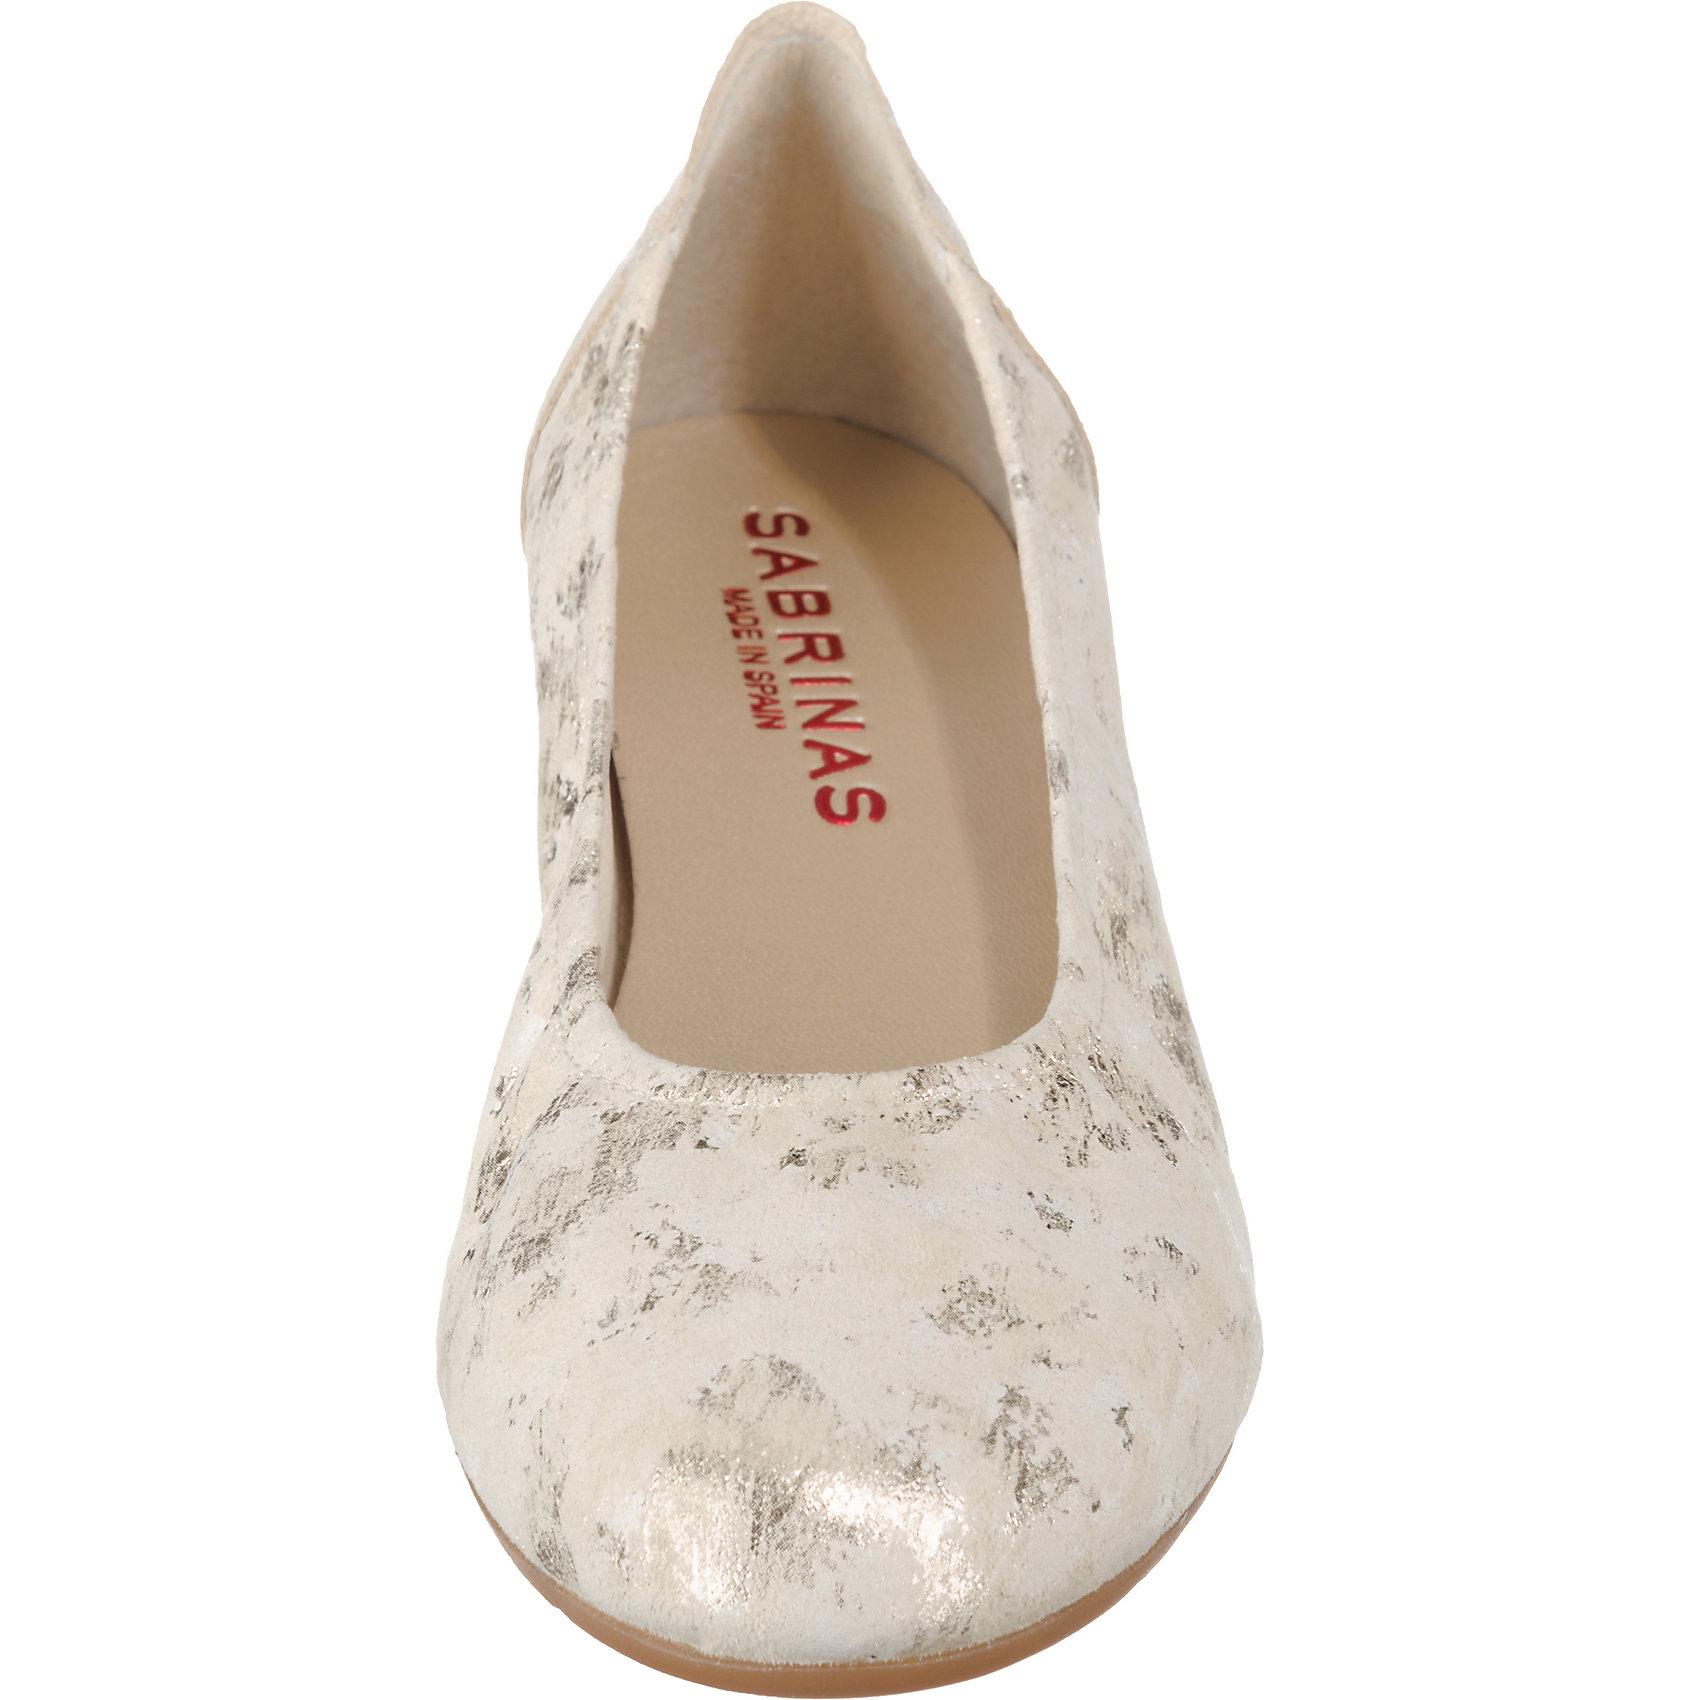 Neu SABRINAS 7930862 LONDON Klassische Ballerinas 7930862 SABRINAS für Damen gold-kombi 466bec